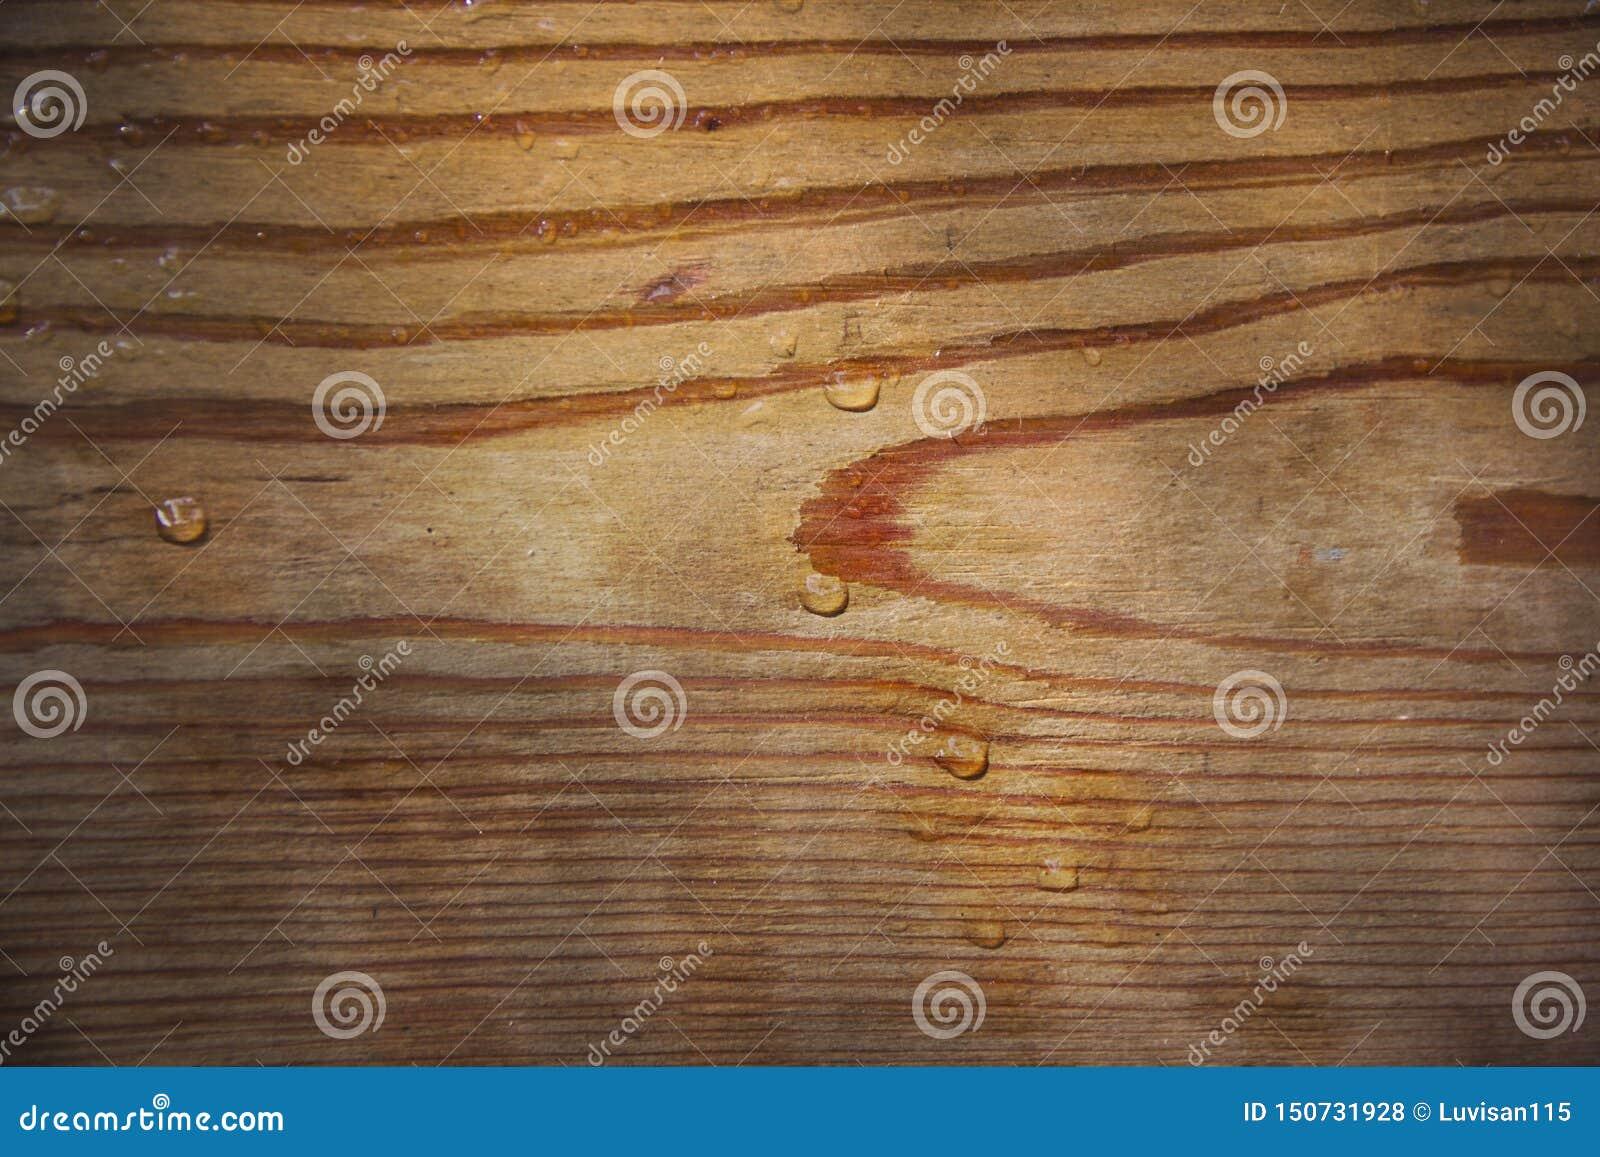 Hout, besnoeiing, houten natuurlijke textuurtekening, regendruppels, achtergrond